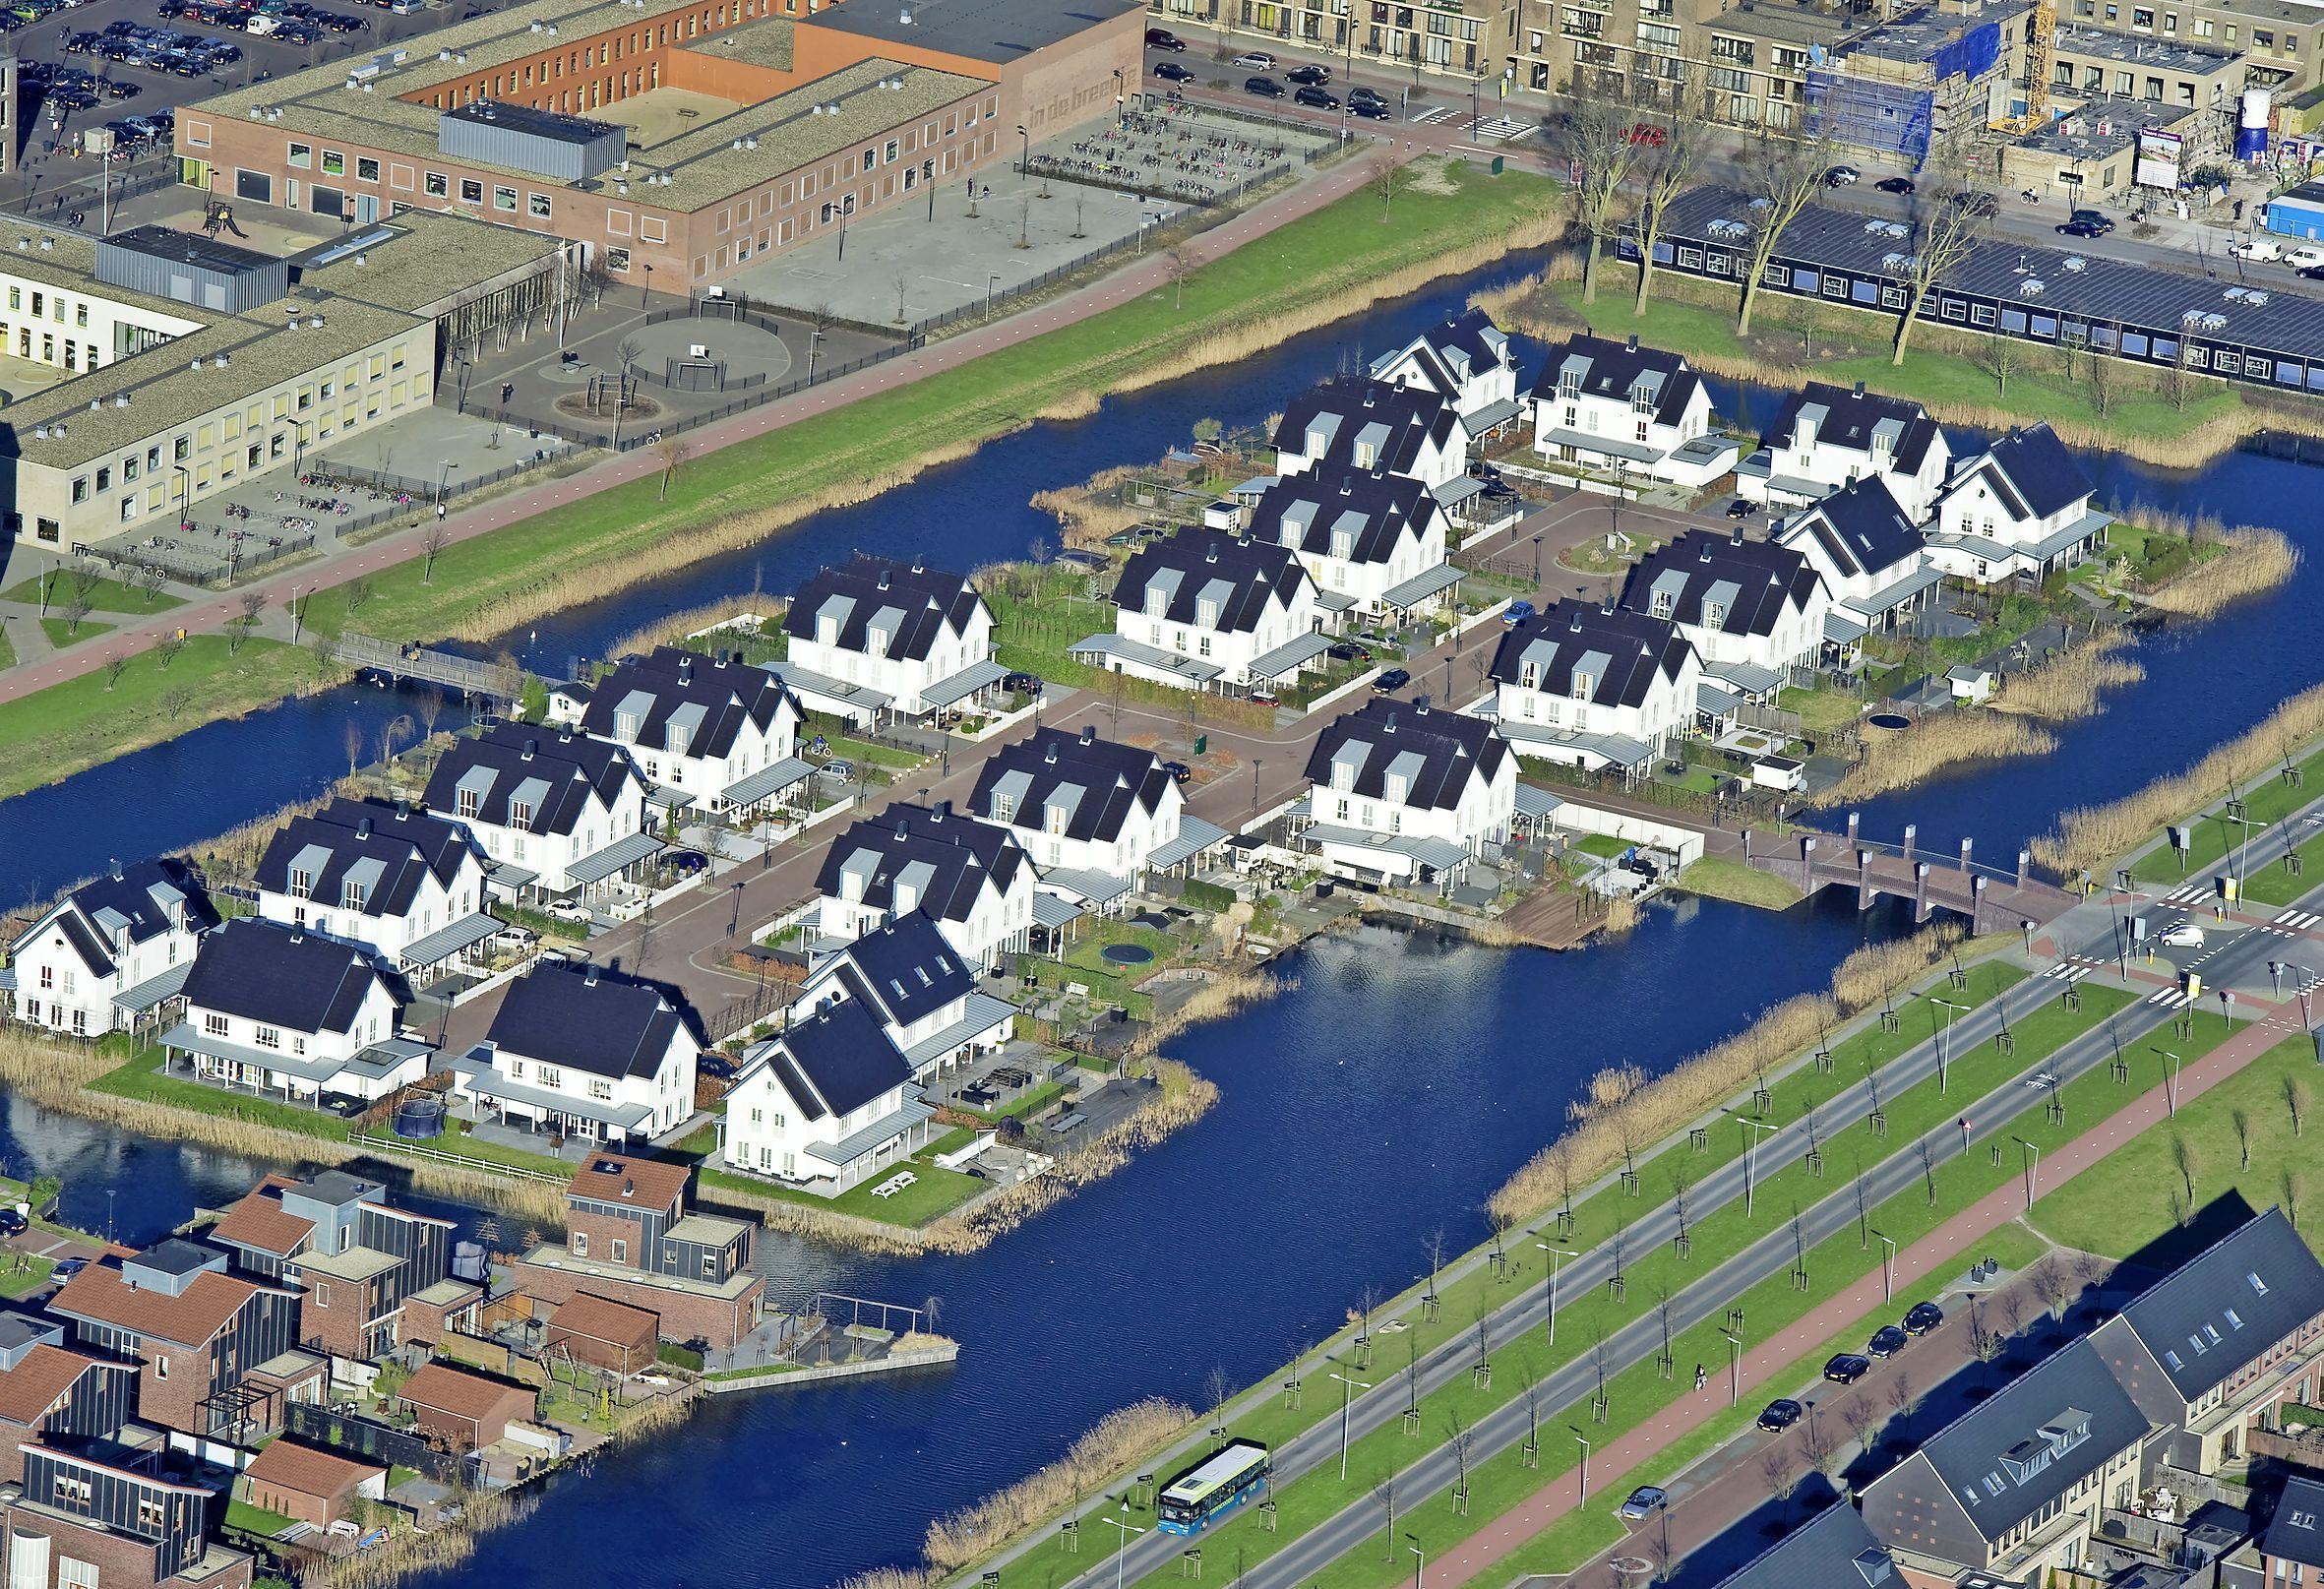 Daan Zandbelt: 'Akkers volbouwen met woningen gaat niet meer, Haarlemmermeer moet iets anders gaan doen'